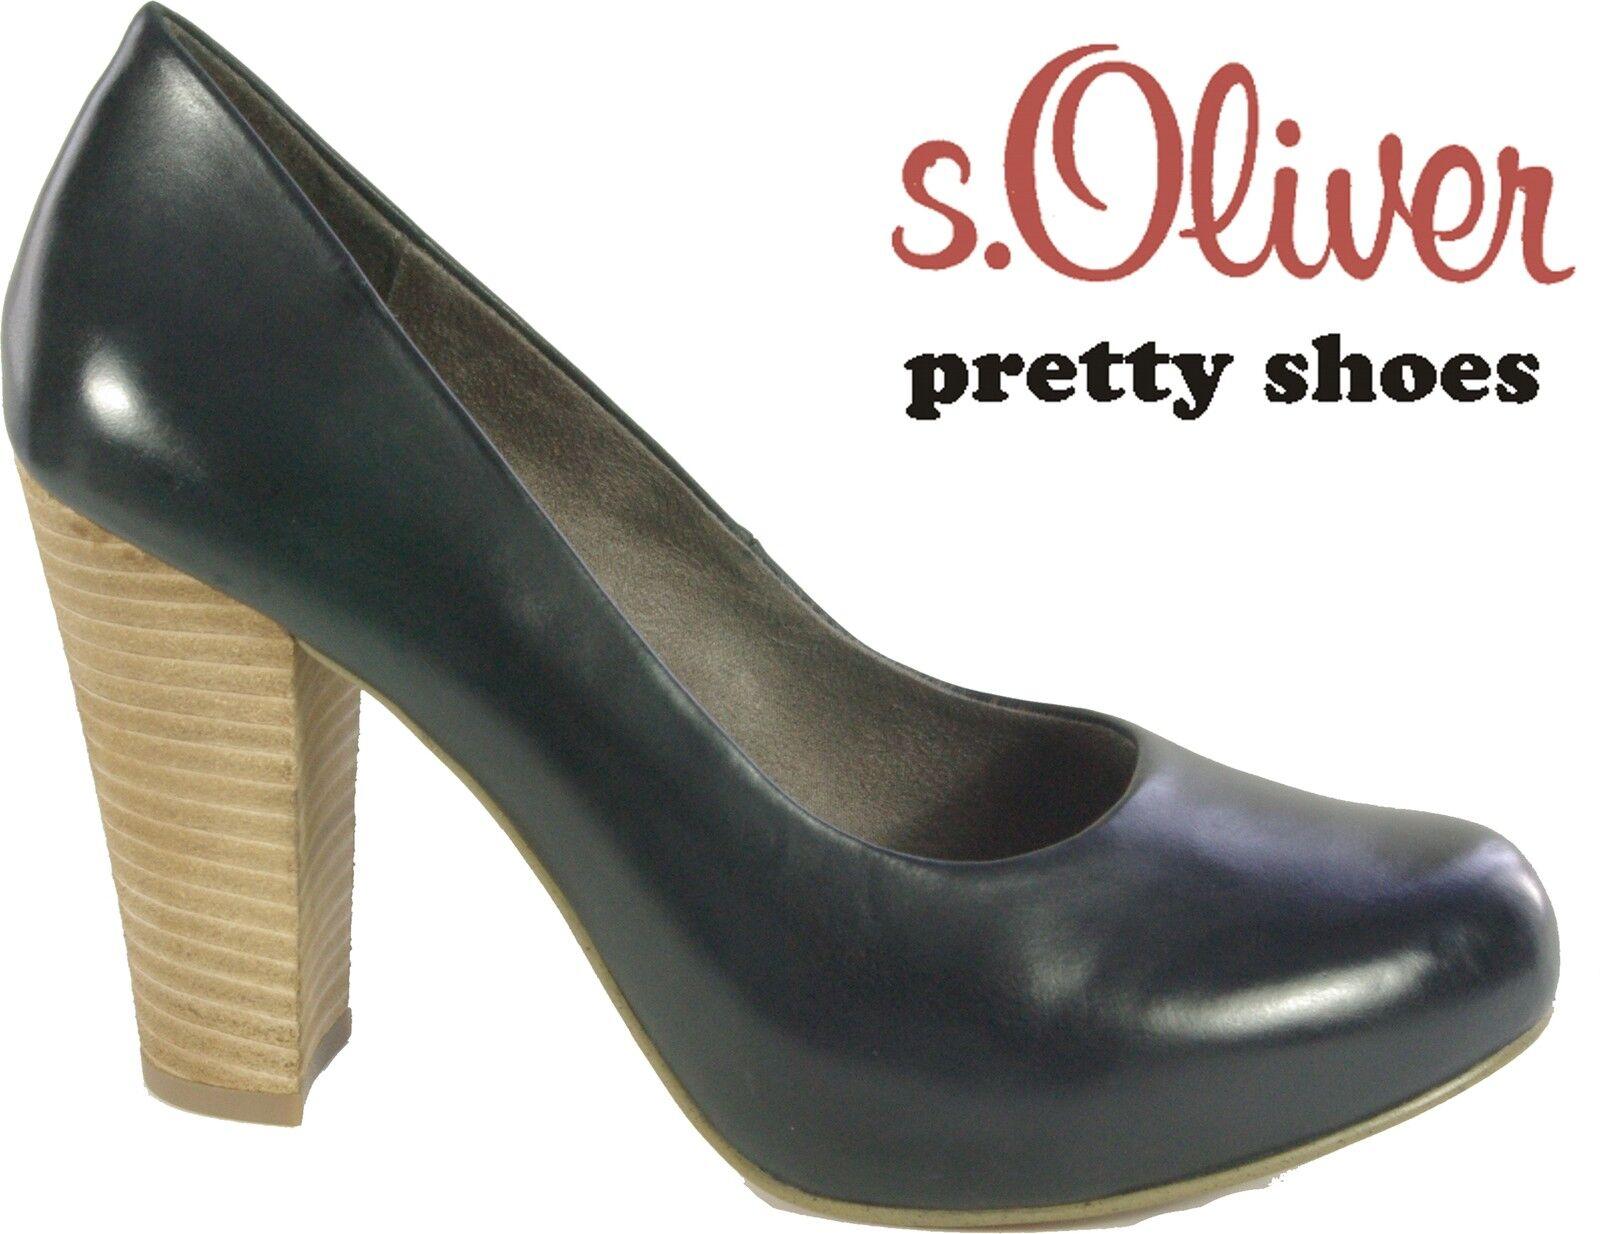 s.OLIVER Schuhe Pumps schwarz high heel ( 8 cm Absatz ) echt Leder NEU